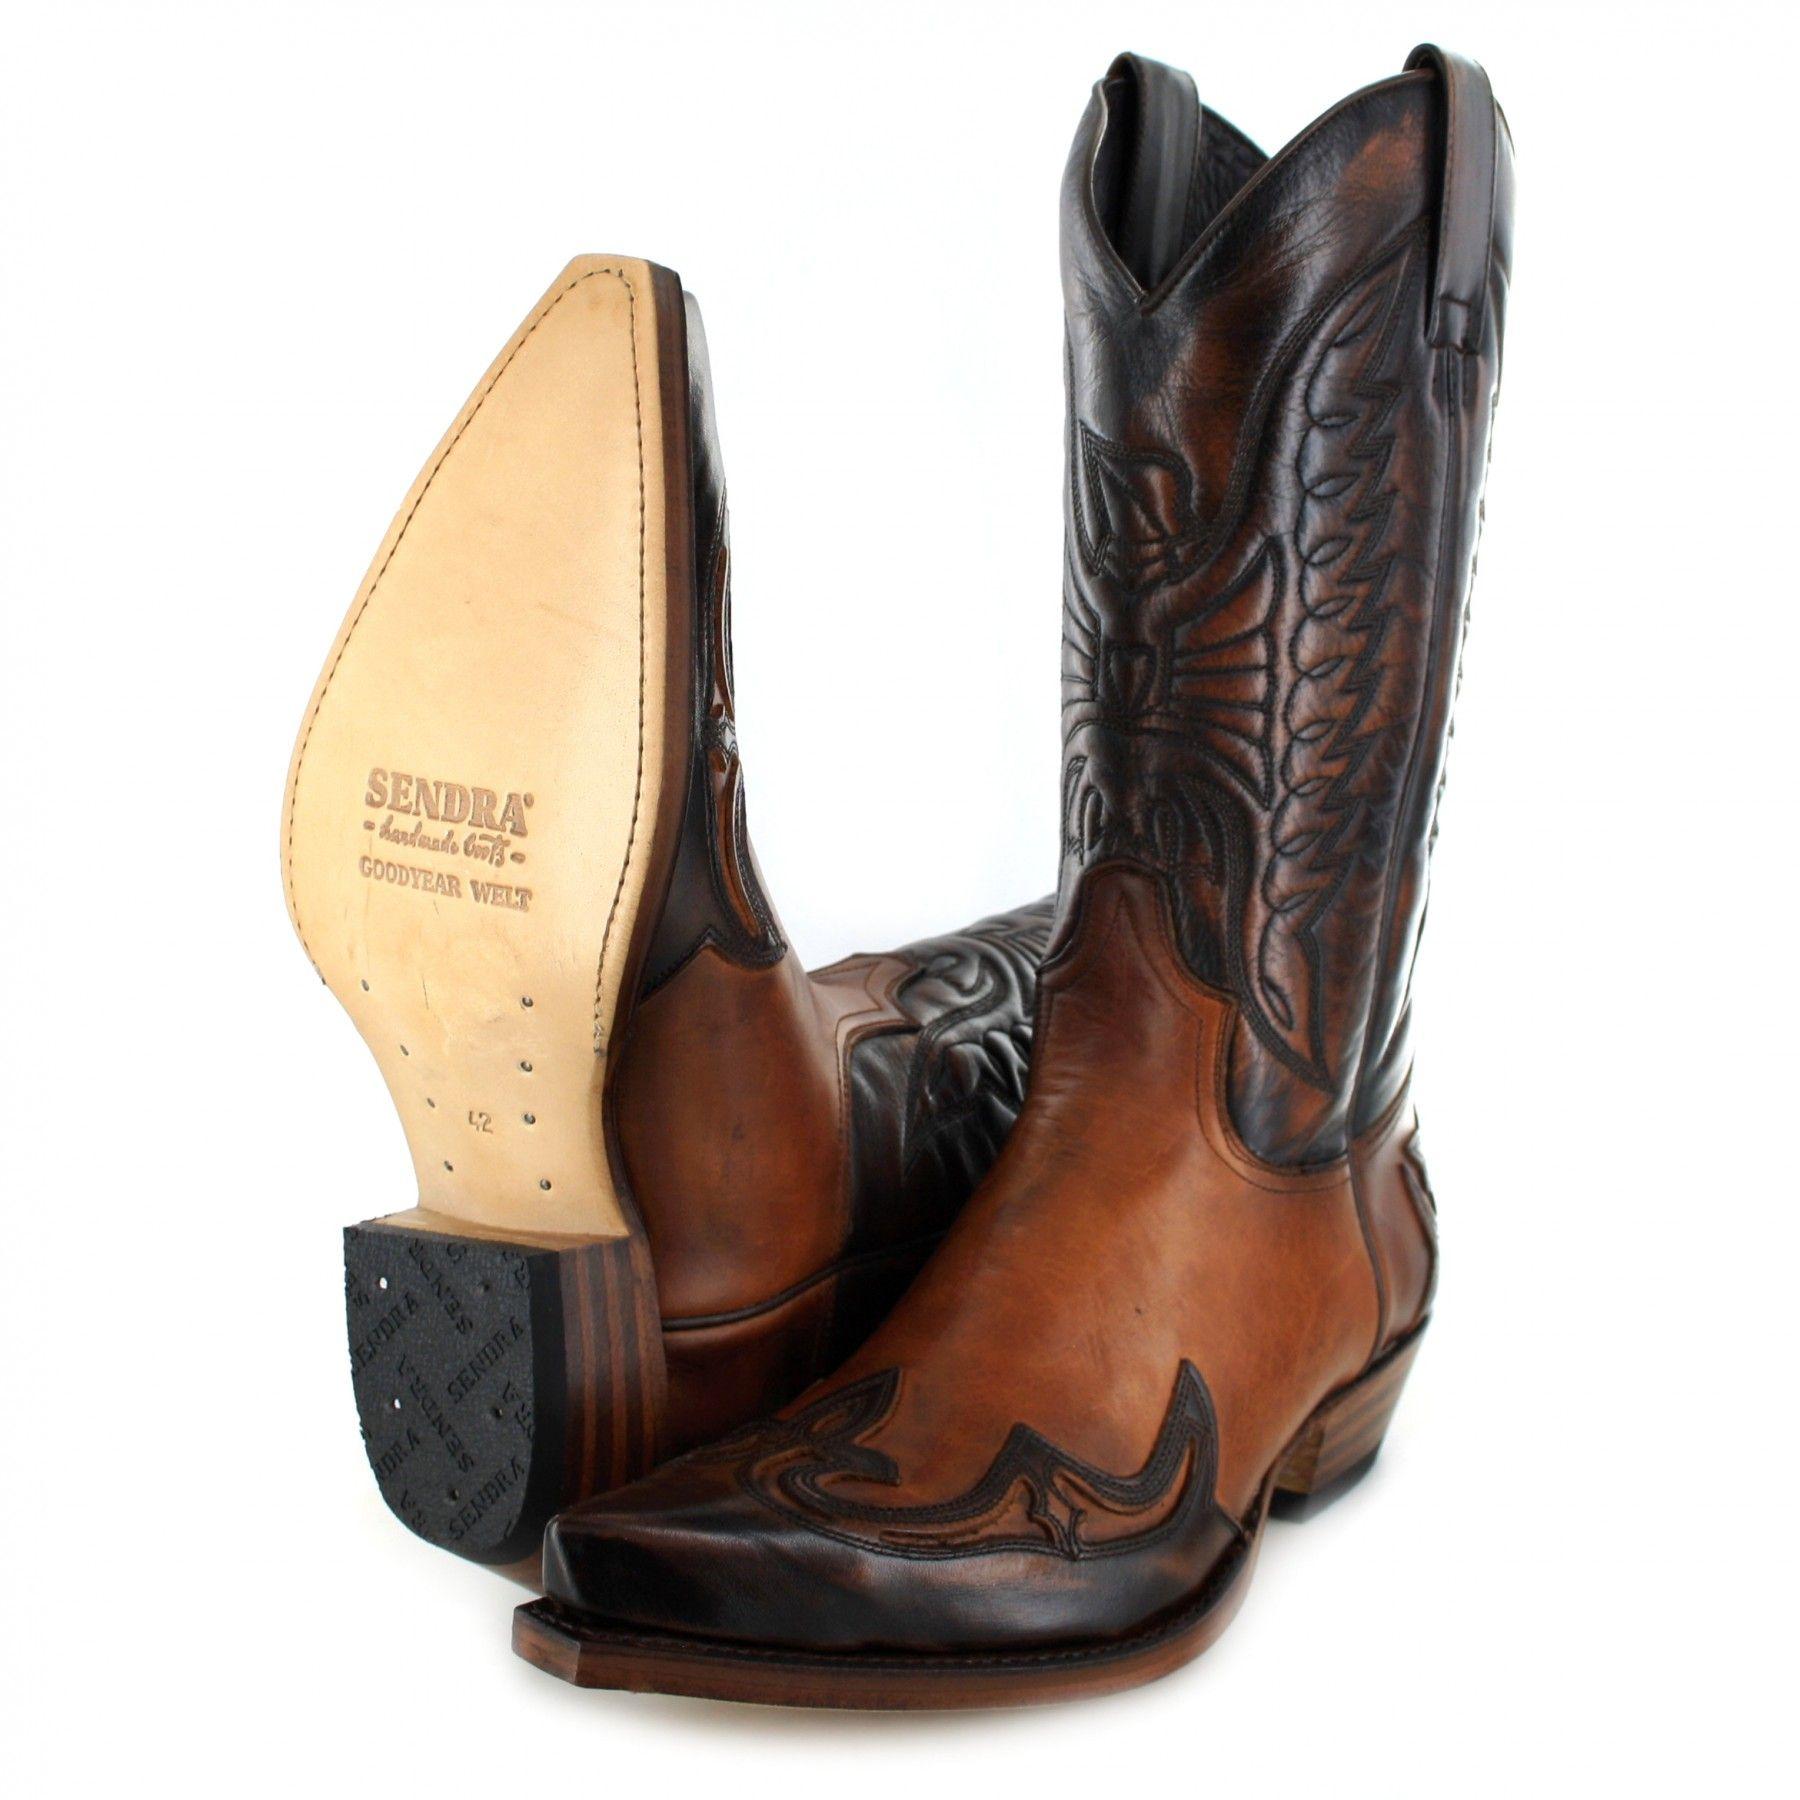 SENDRA Western Stiefel Boots Cowboystiefel